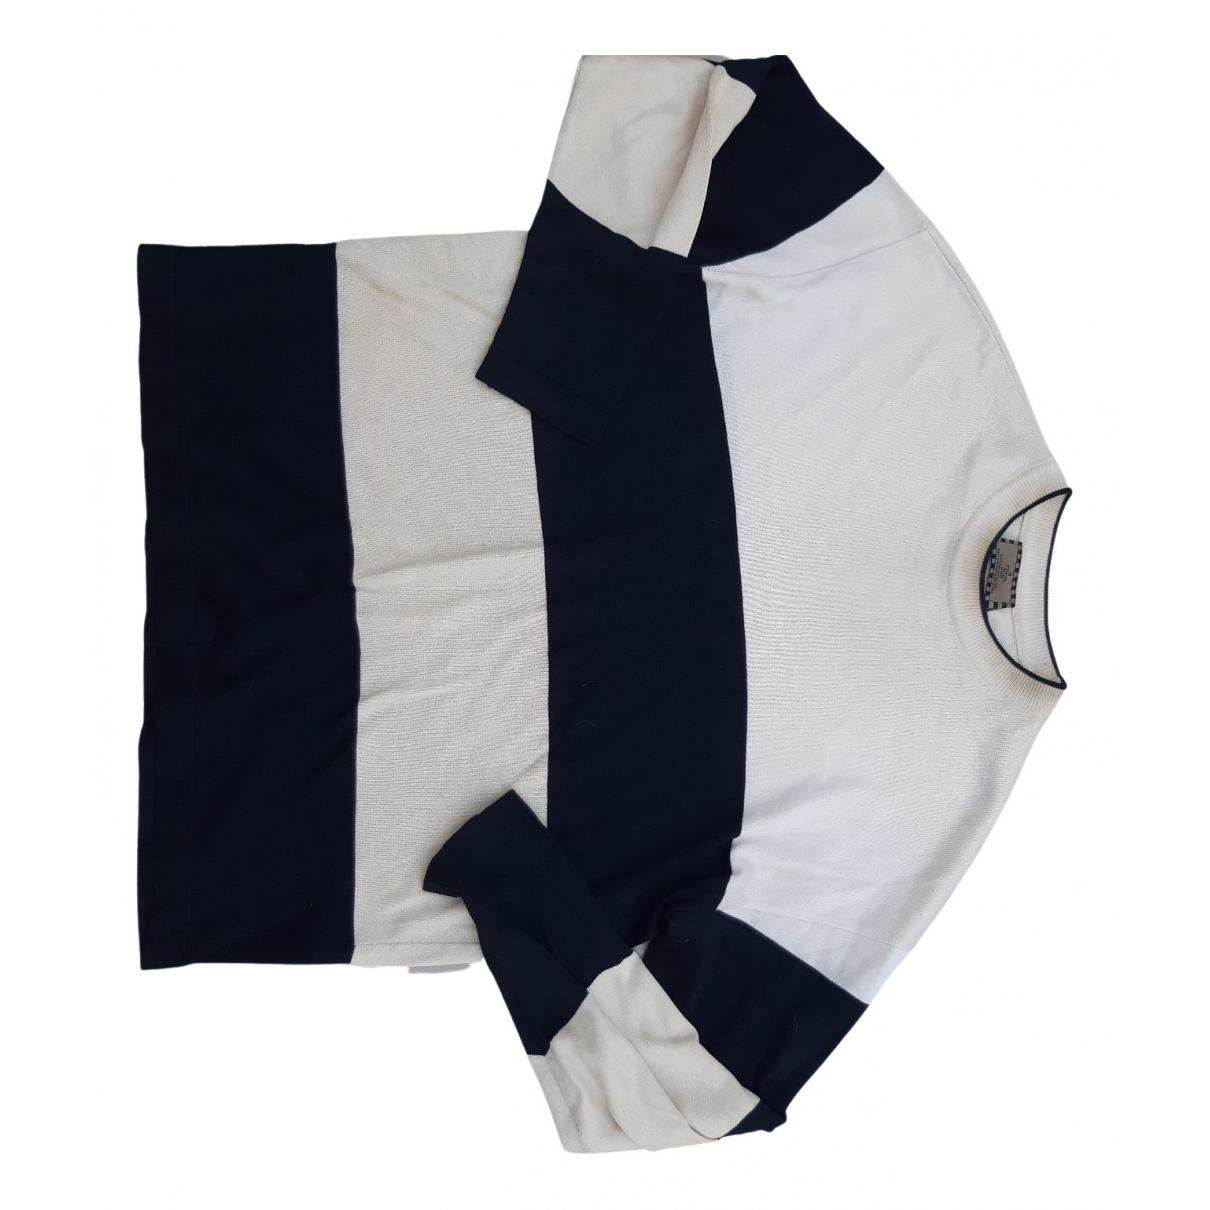 Fendi N Beige Cotton Knitwear for Women L International